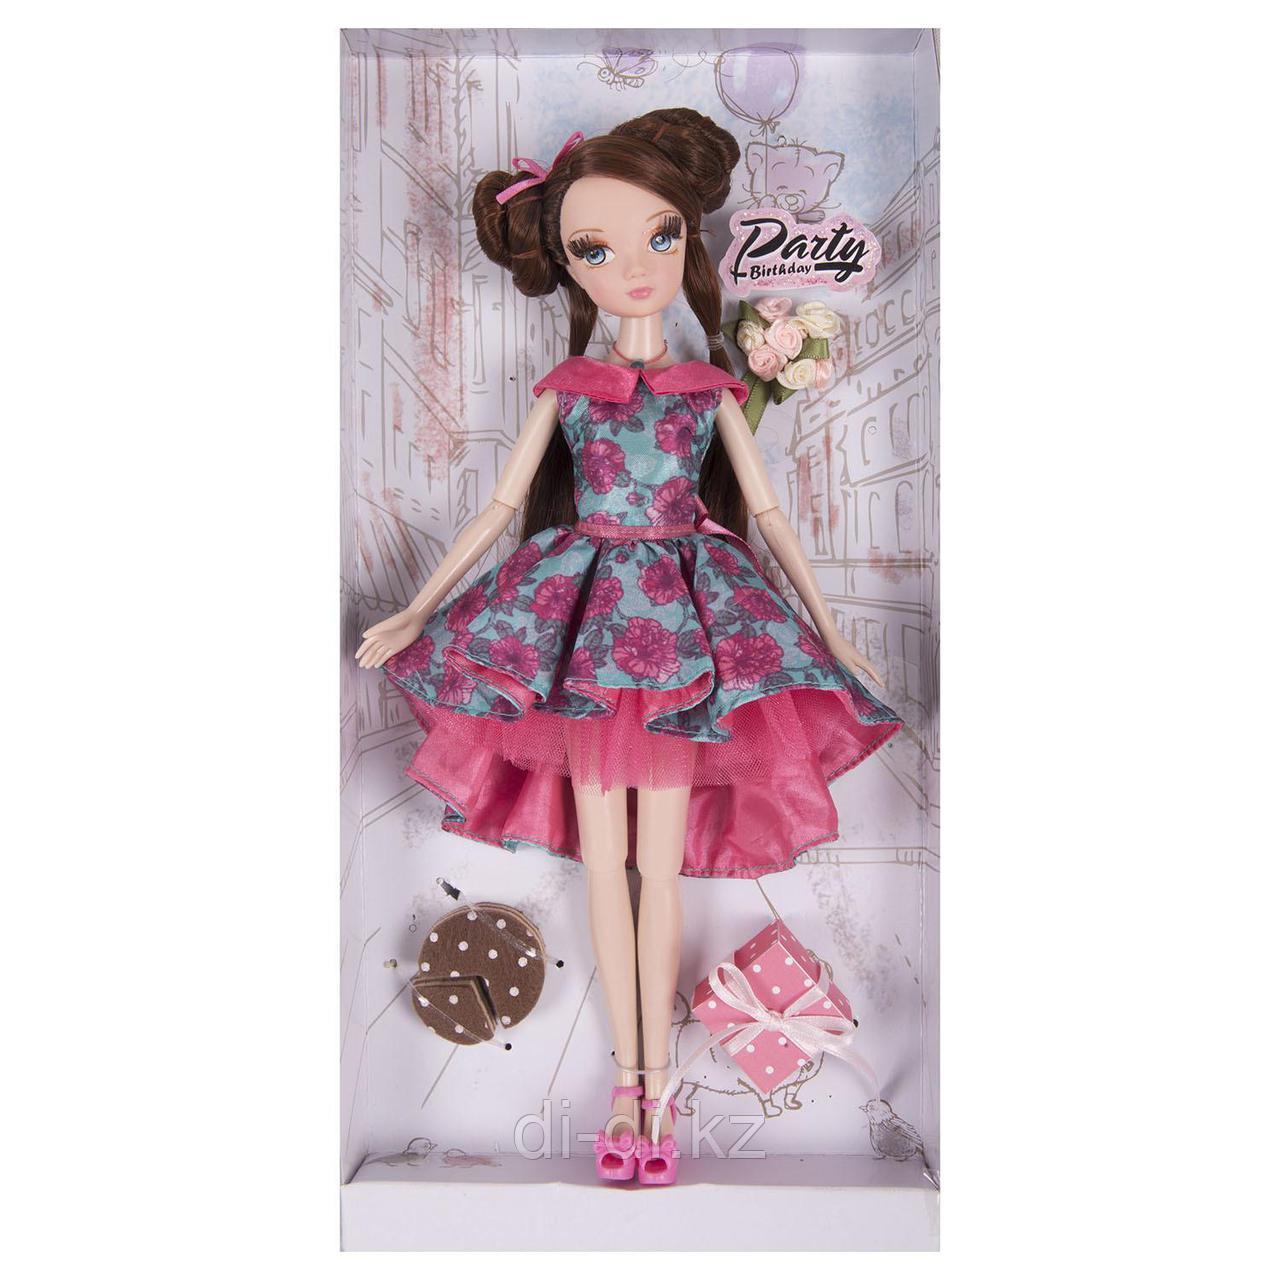 Кукла Sonya Rose серии Daily collection (Вечеринка - день рождения) - фото 3